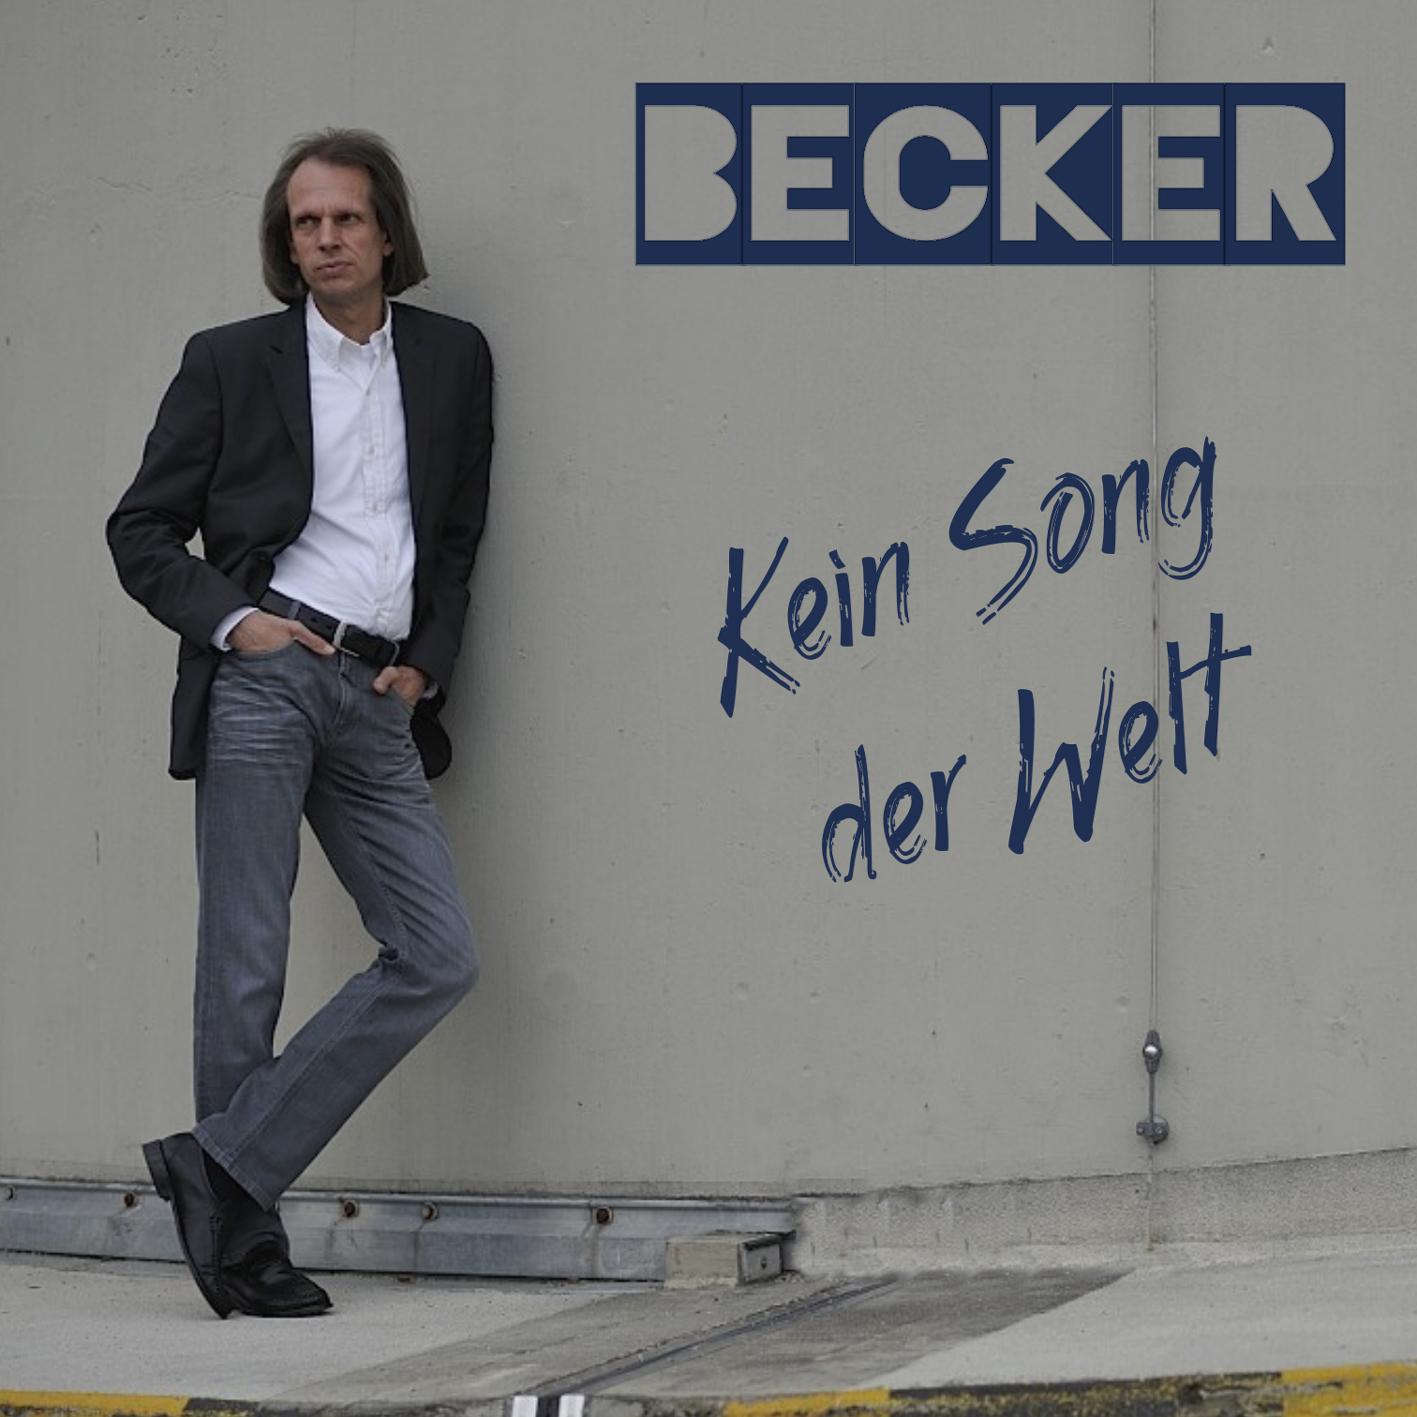 BECKER * Kein Song der Welt (Single-Tipp) * Ein wunderschönes Liebeslied